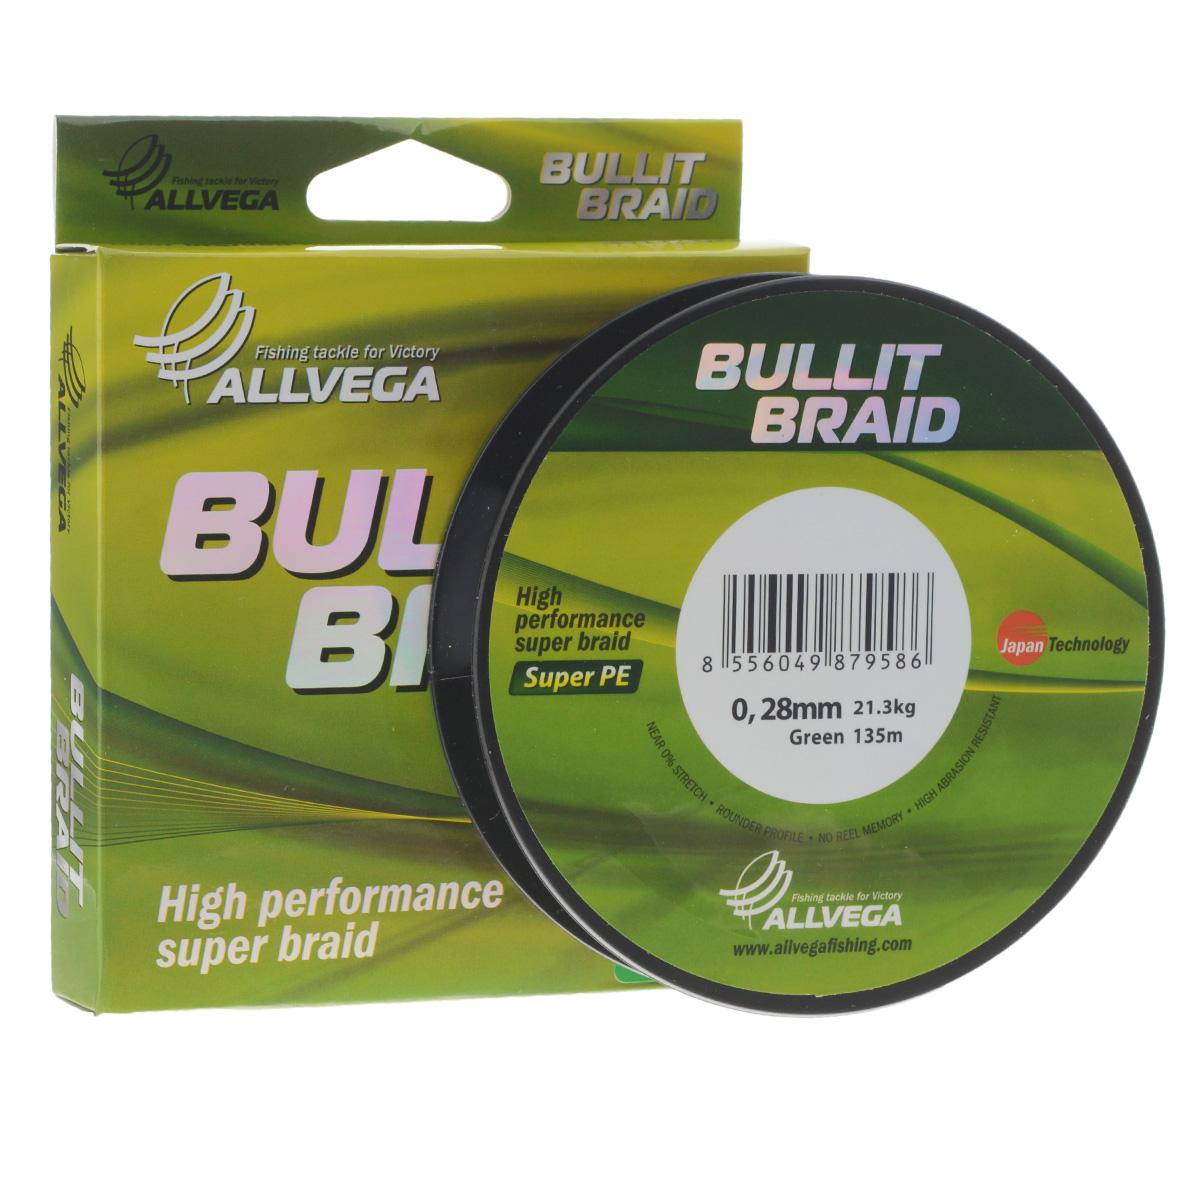 Леска плетеная Allvega Bullit Braid, цвет: темно-зеленый, 135 м, 0,28 мм, 21,3 кгPGPS7797CIS08GBNVЛеска Allvega Bullit Braid с гладкой поверхностью и одинаковым сечением по всей длине обладает высокой износостойкостью. Благодаря микроволокнам полиэтилена (Super PE) леска имеет очень плотное плетение и не впитывает воду. Леску Allvega Bullit Braid можно применять в любых типах водоемов. Особенности:- повышенная износостойкость;- высокая чувствительность - коэффициент растяжения близок к нулю;- отсутствует память;- идеально гладкая поверхность позволяет увеличить дальность забросов;- высокая прочность шнура на узлах.